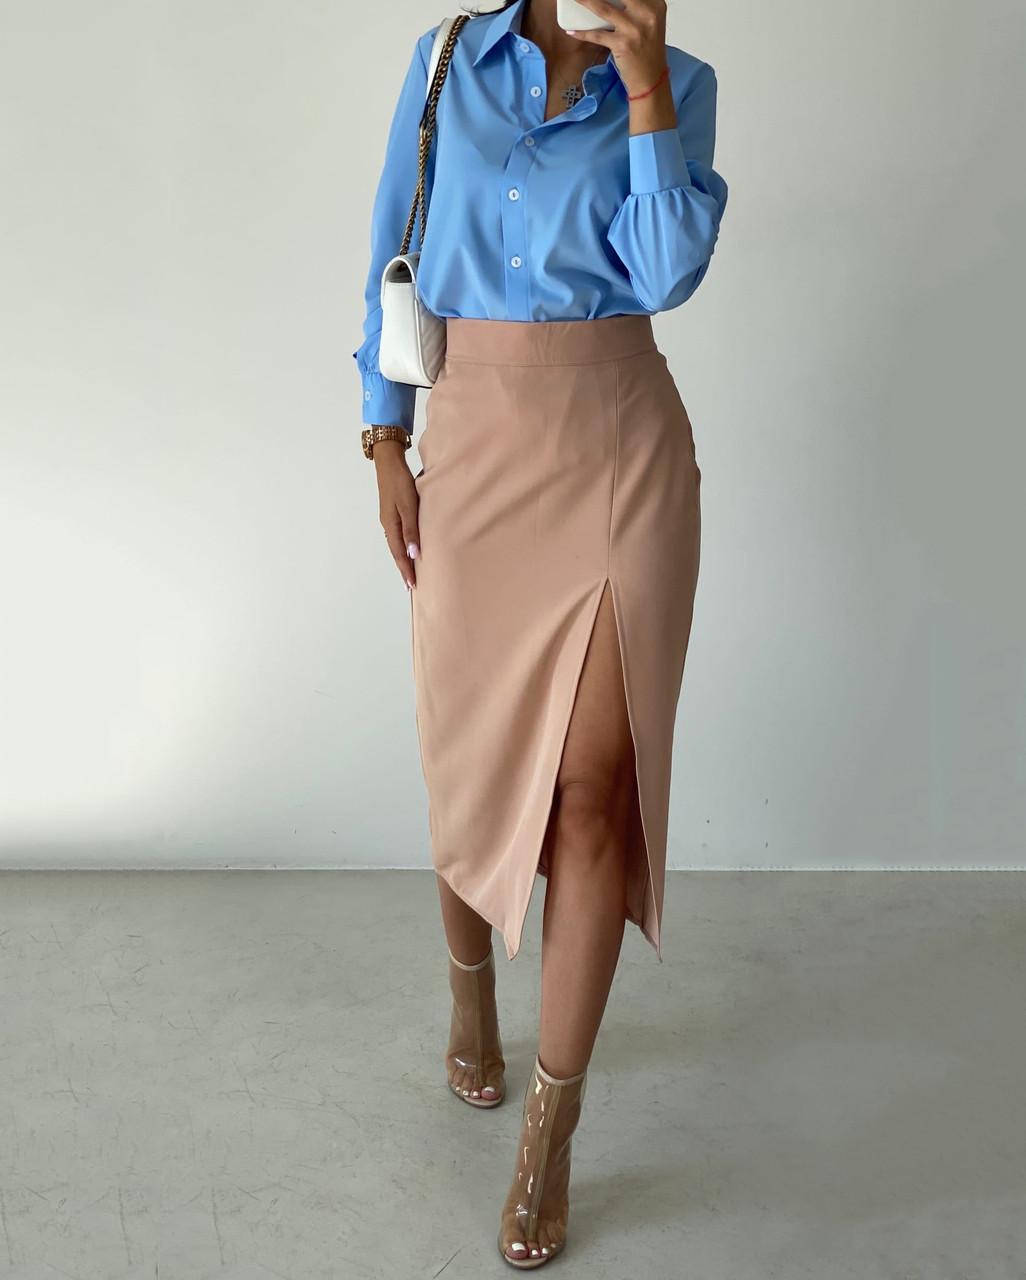 Жіночий костюм з сорочкою і спідницею міді з розрізом